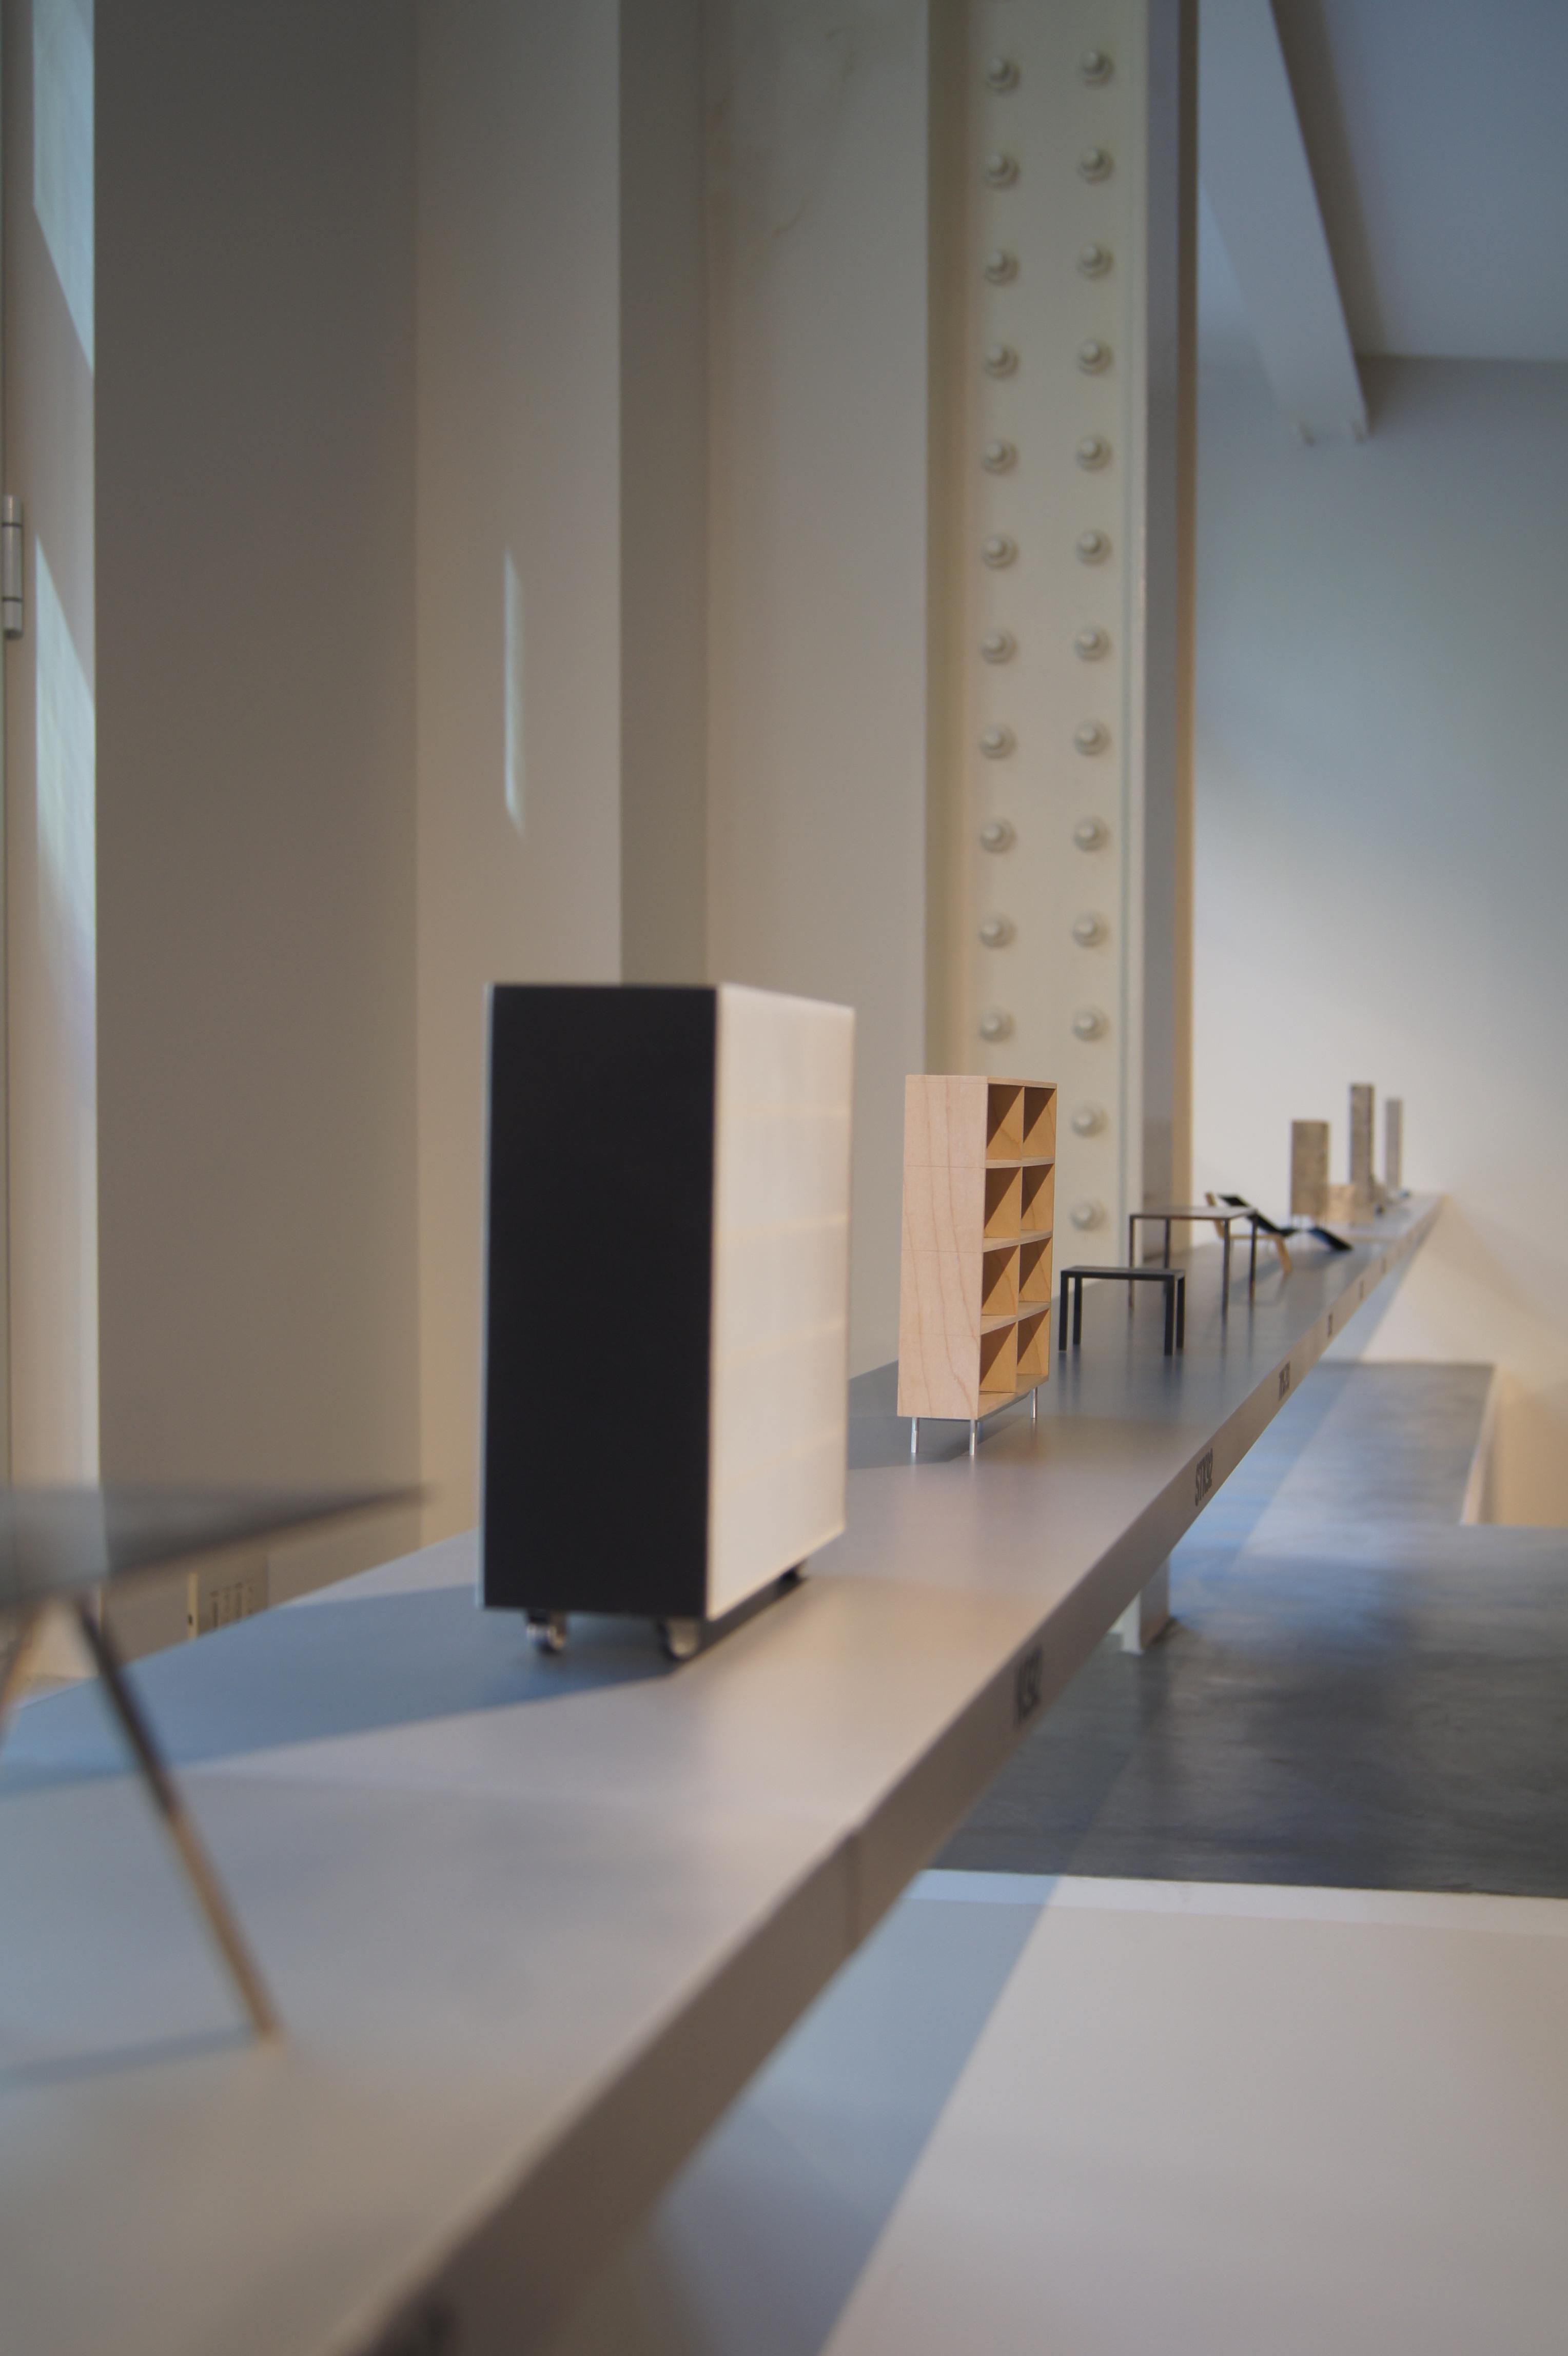 Modellen van Maarten van Severen by OMA - Lensvelt | Salone del Mobile 2014 | Lambrate Via Ventura